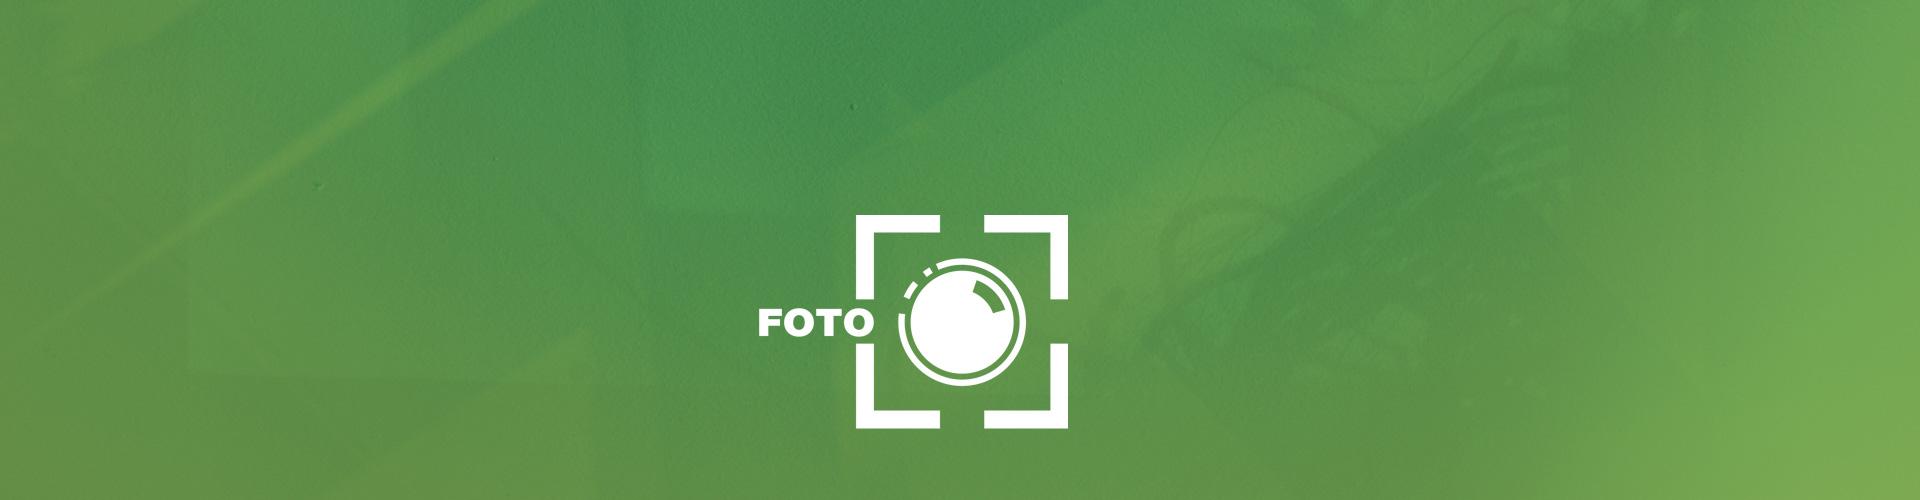 Professionelle Fotografie im Fotostudio in Chemnitz